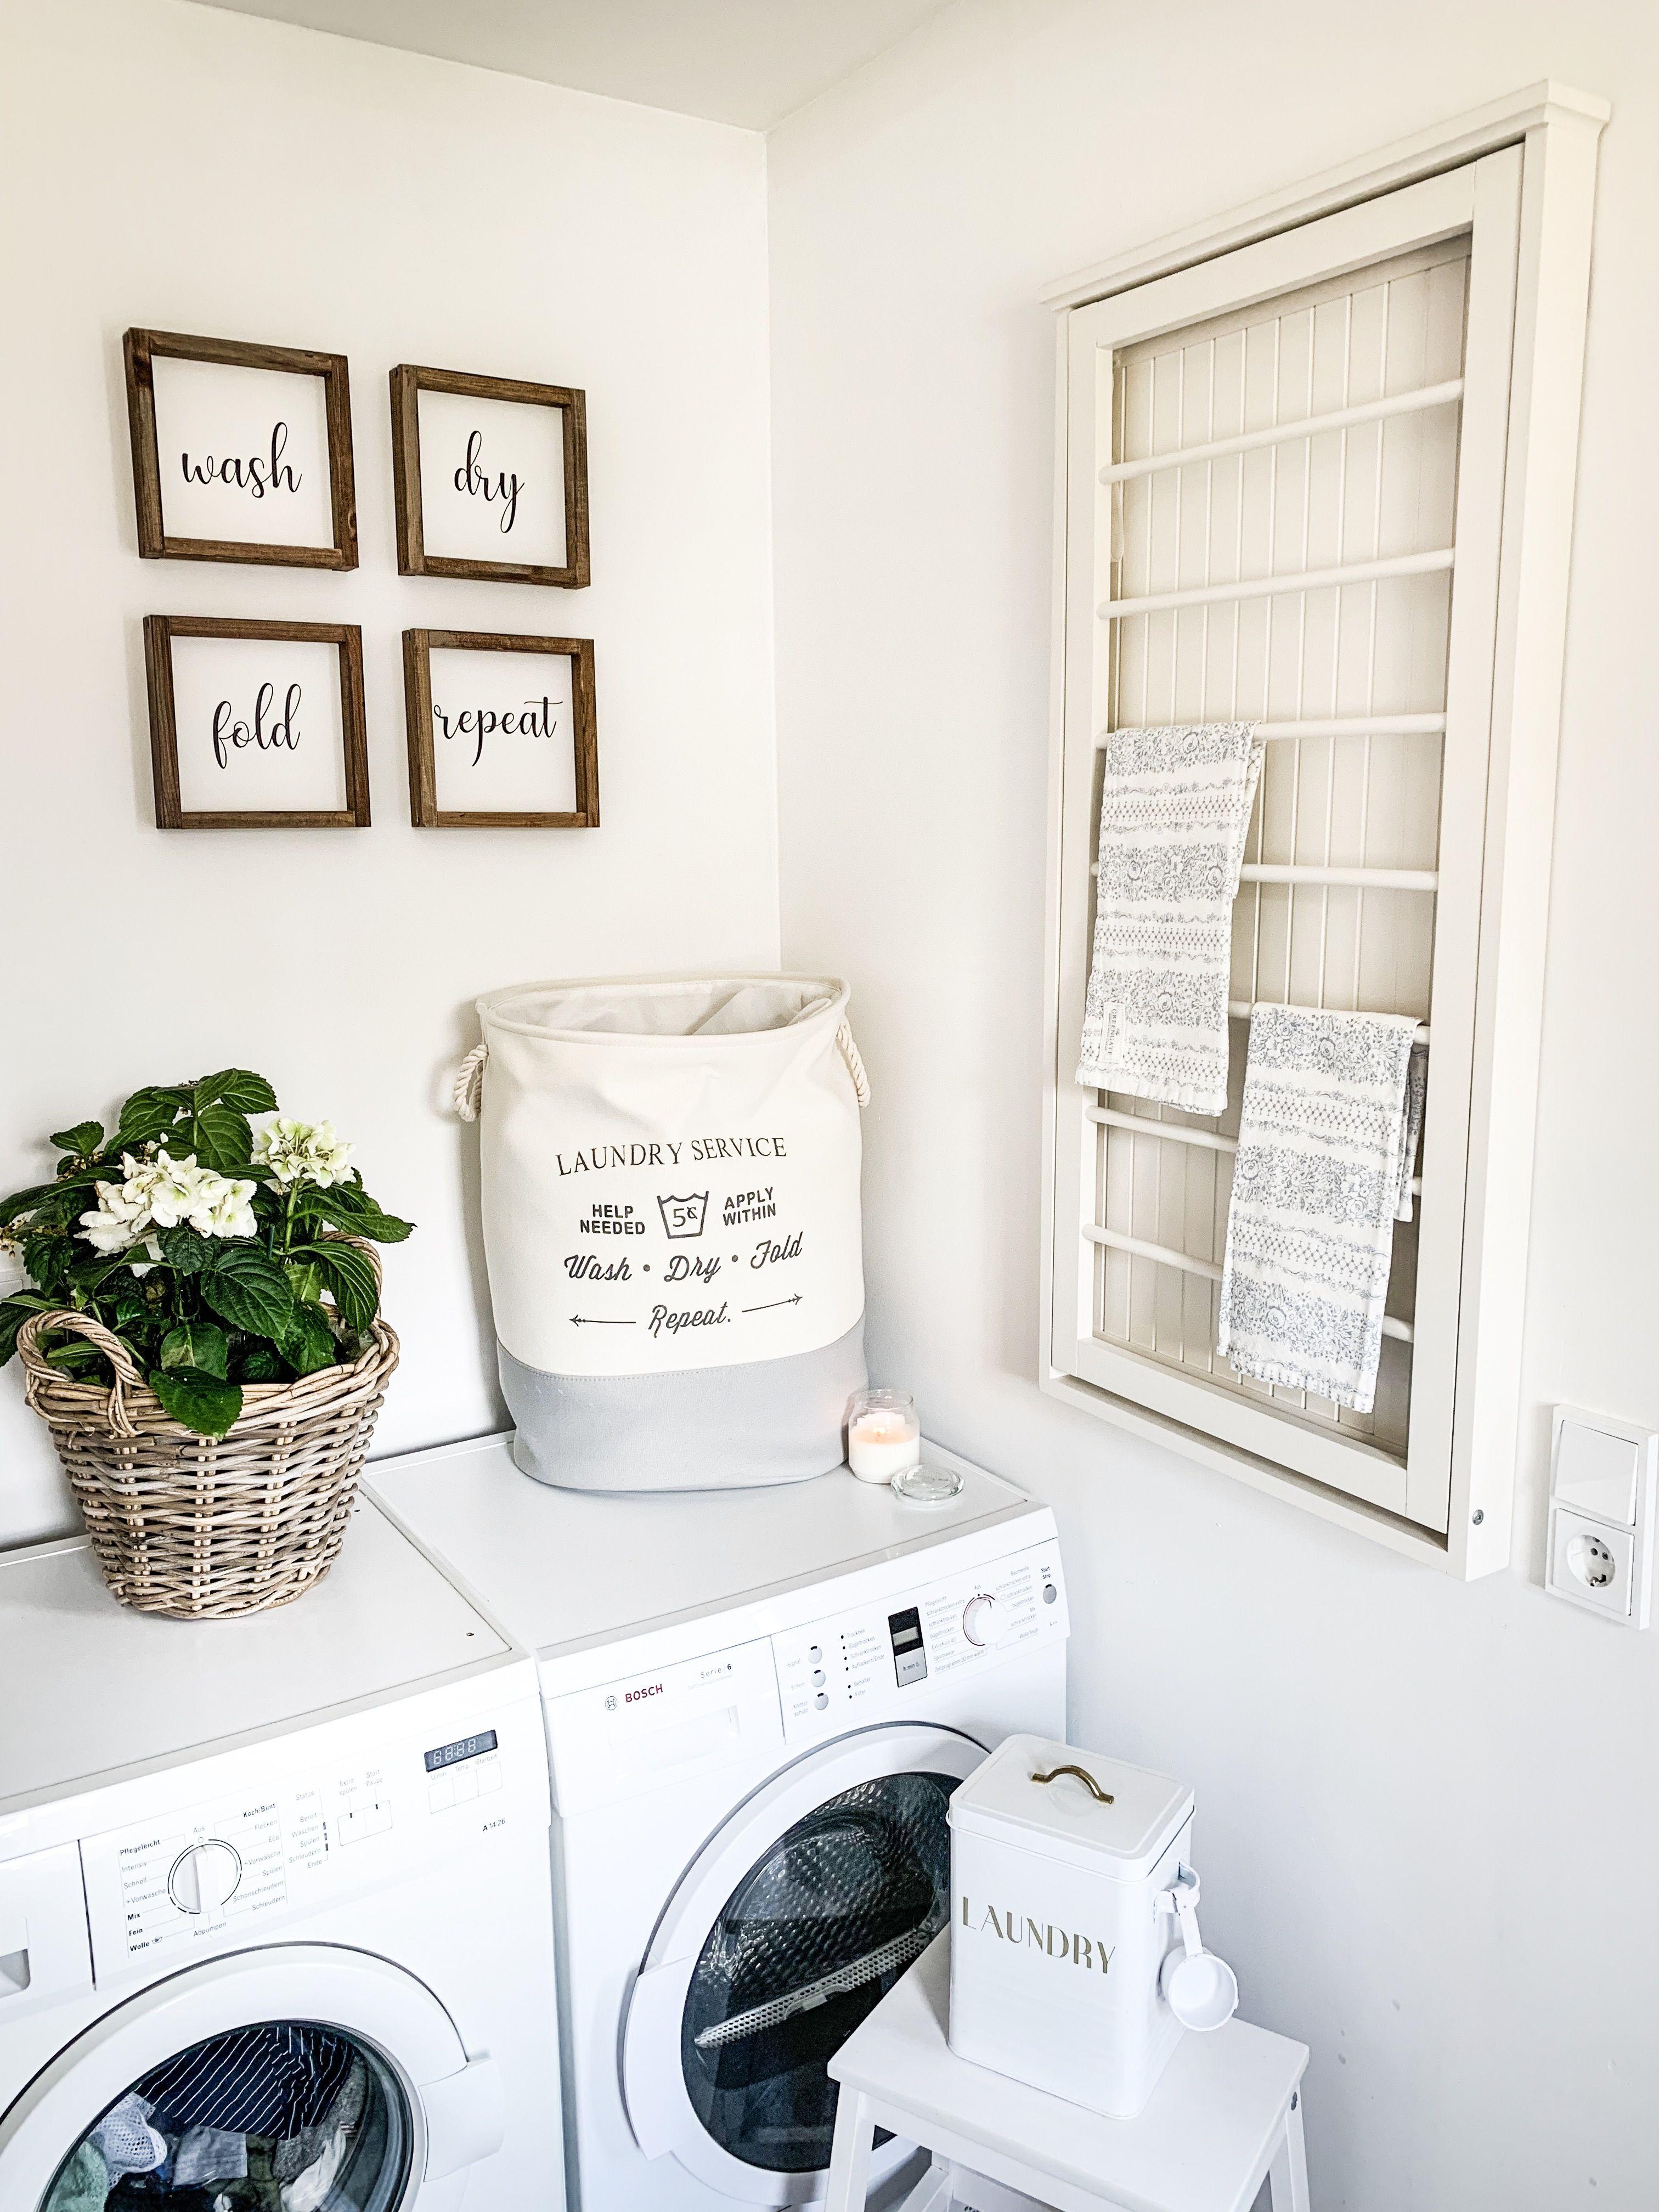 Wäschetrockner klappbar laundry room  Handtuchhalter